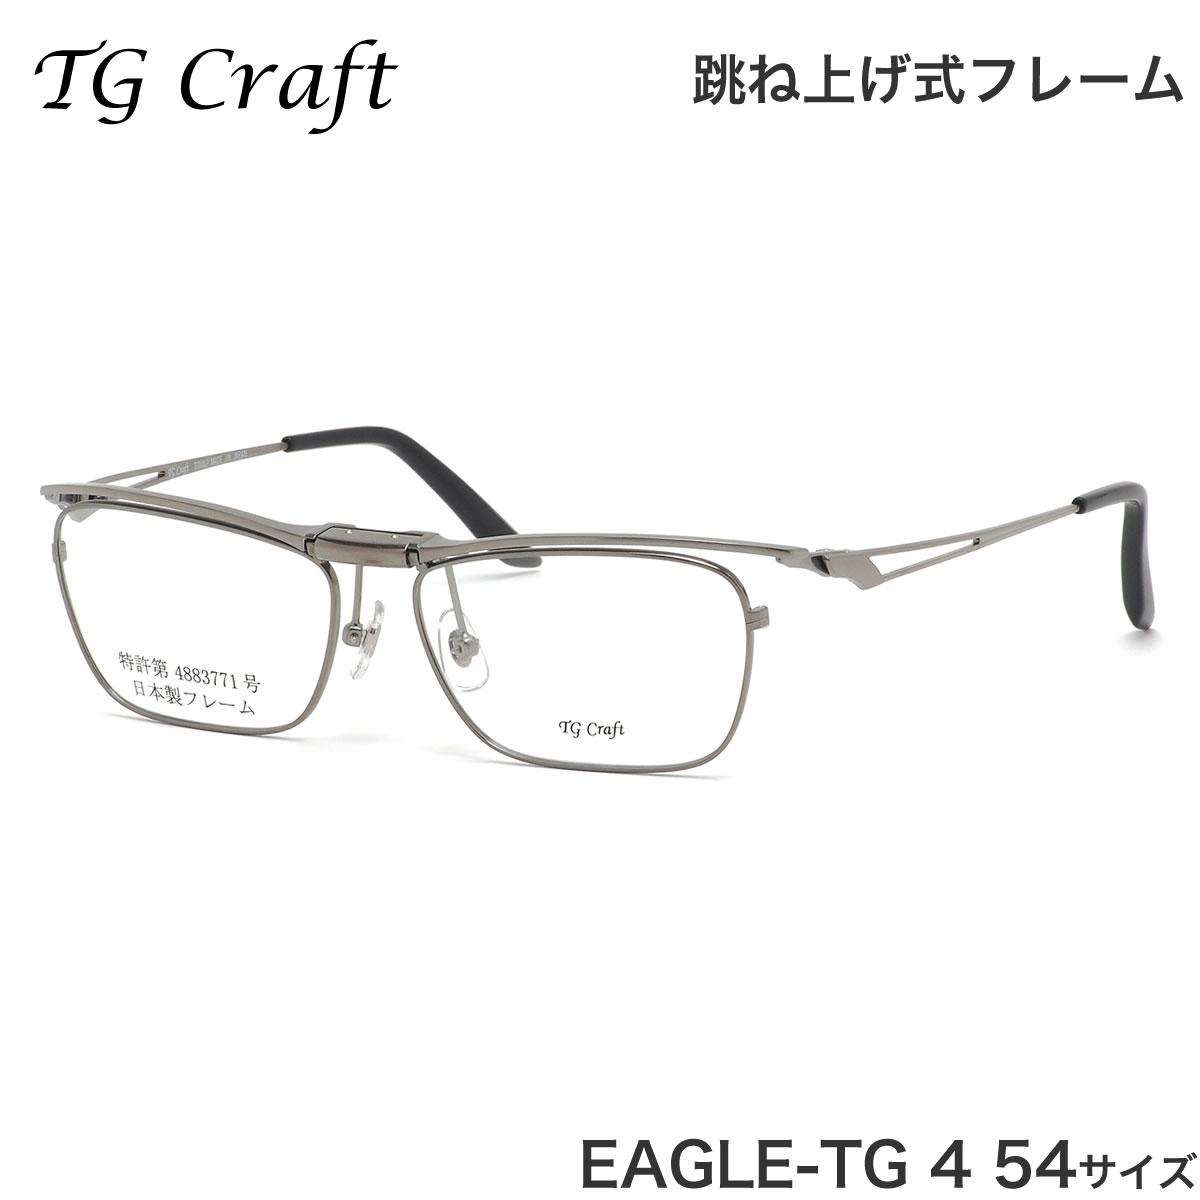 ティージークラフト TG Craft メガネ EAGLE-TG 4 54サイズ Eagle-TG イーグルTG Col.4 跳ね上げ式 日本製 スクエア チタン 軽量 ガンメタル ティージークラフトTGCraft メンズ レディース